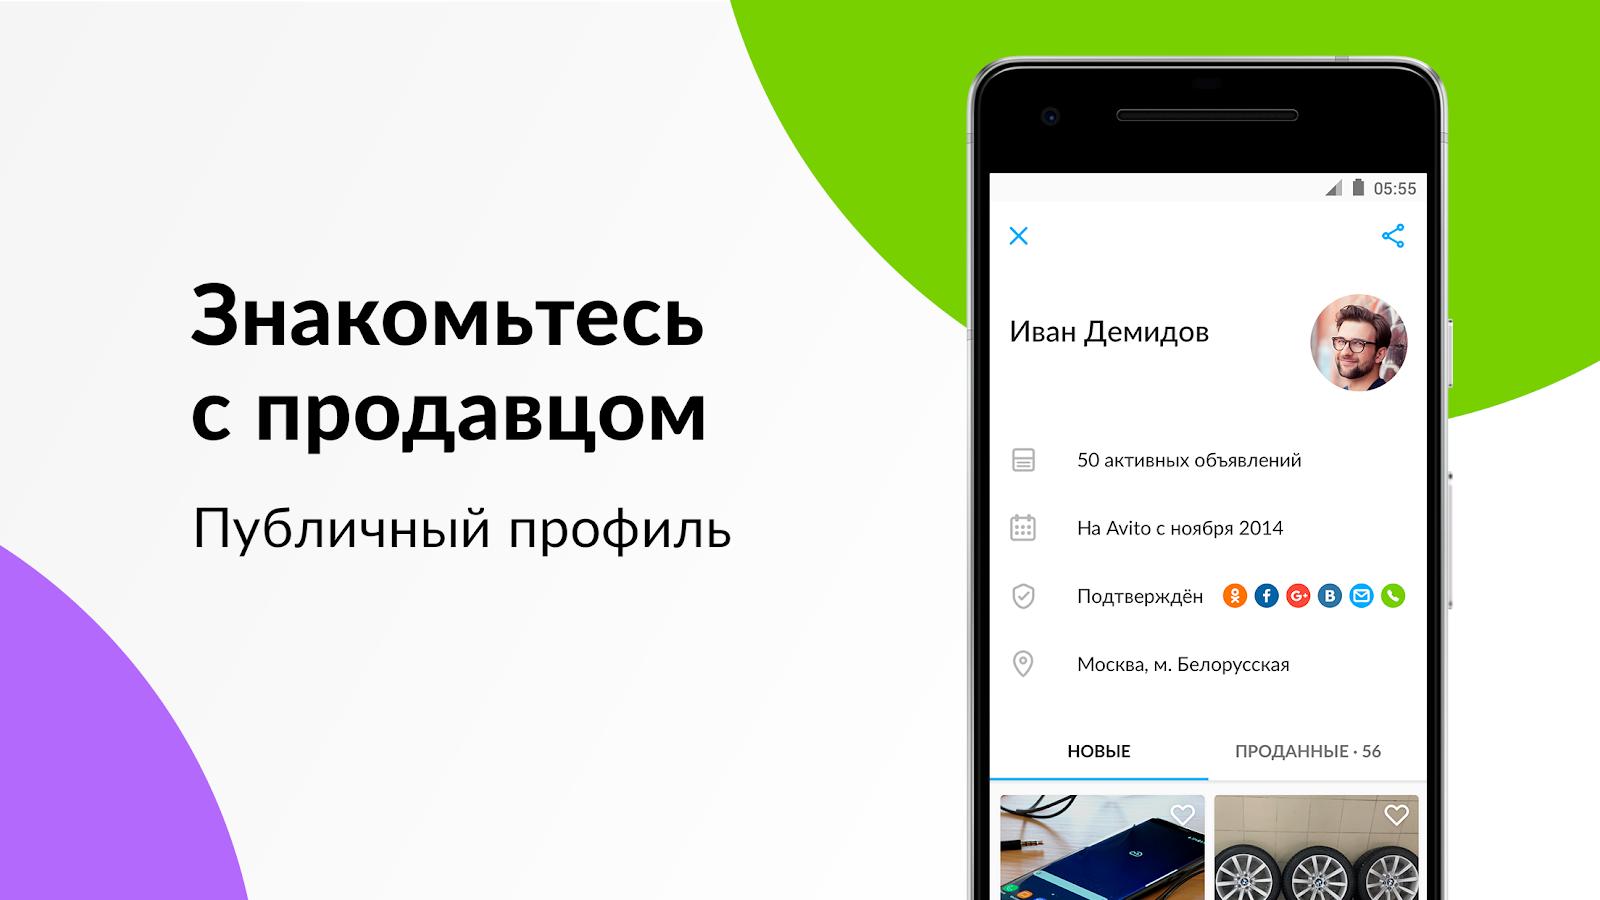 df29ff82 Avito X: экспериментальная версия приложения APK Download - Android ...